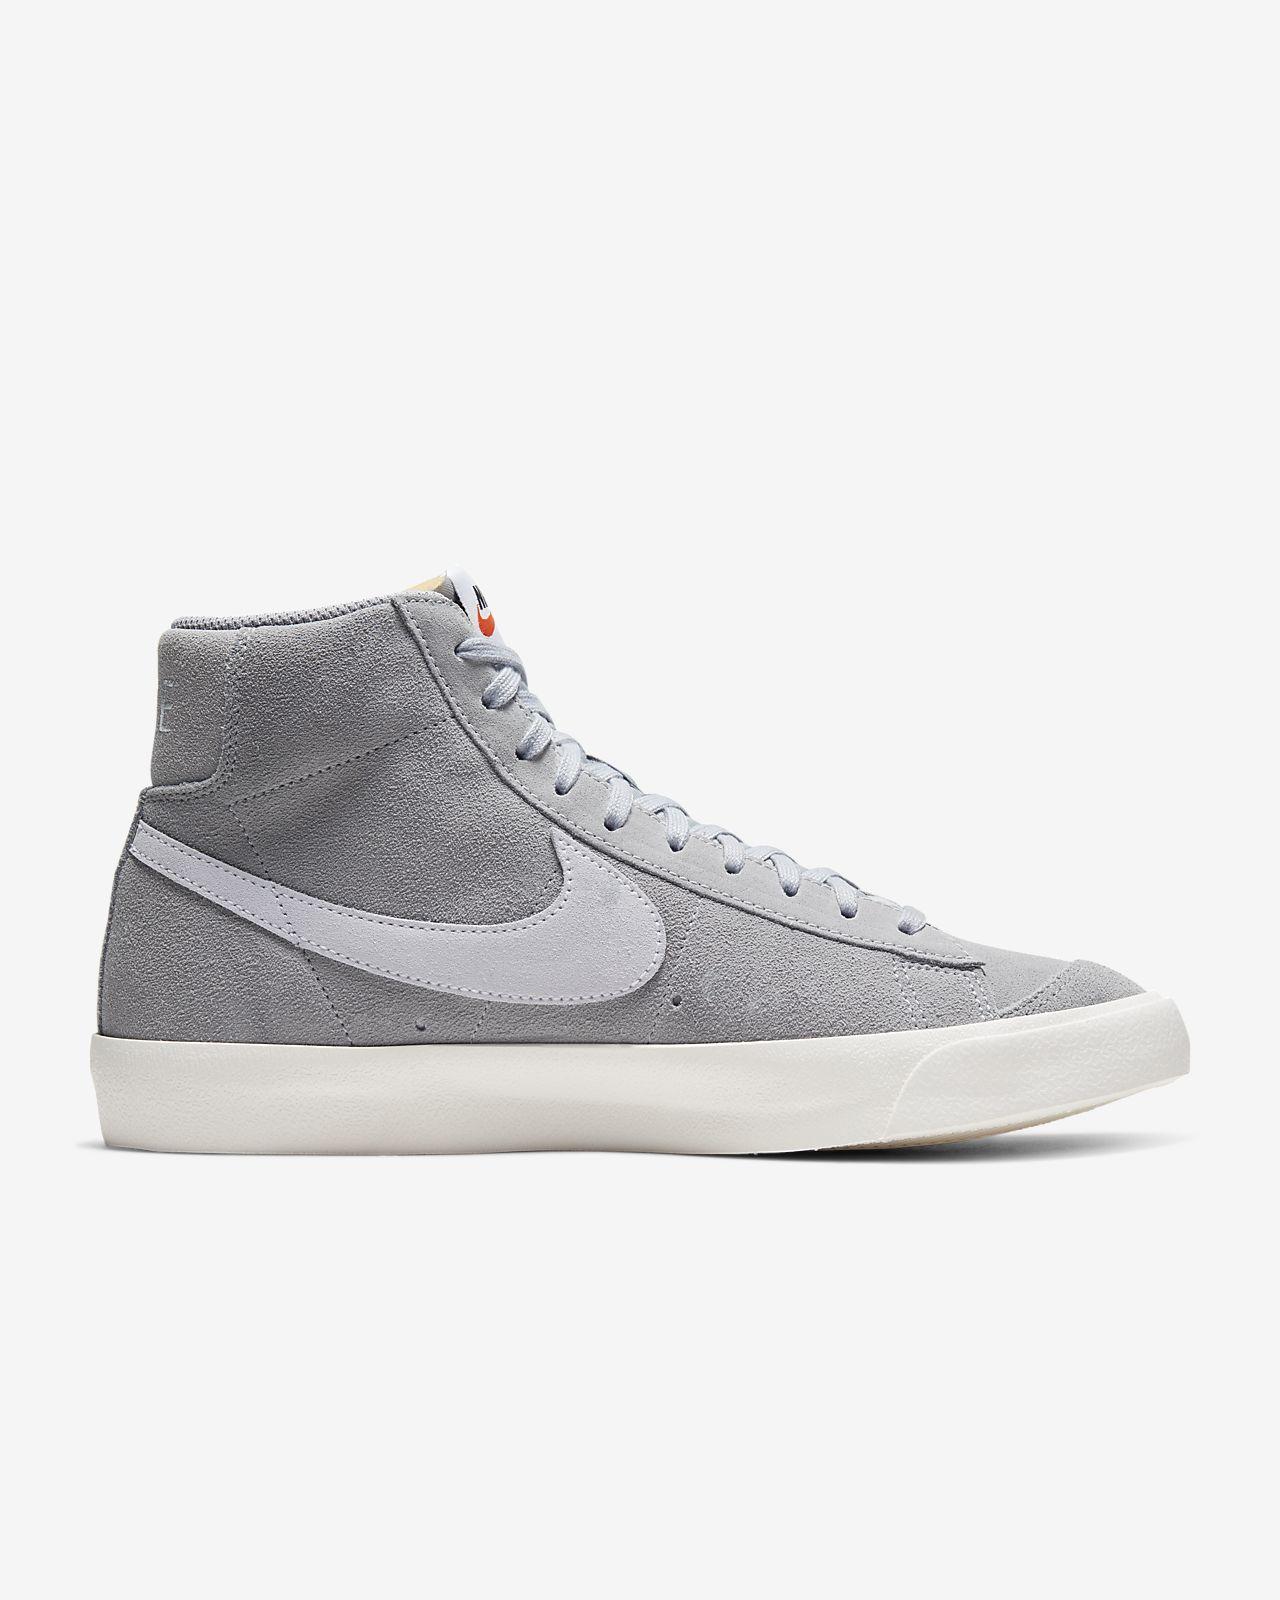 Chaussure Nike Blazer Mid '77 Suede